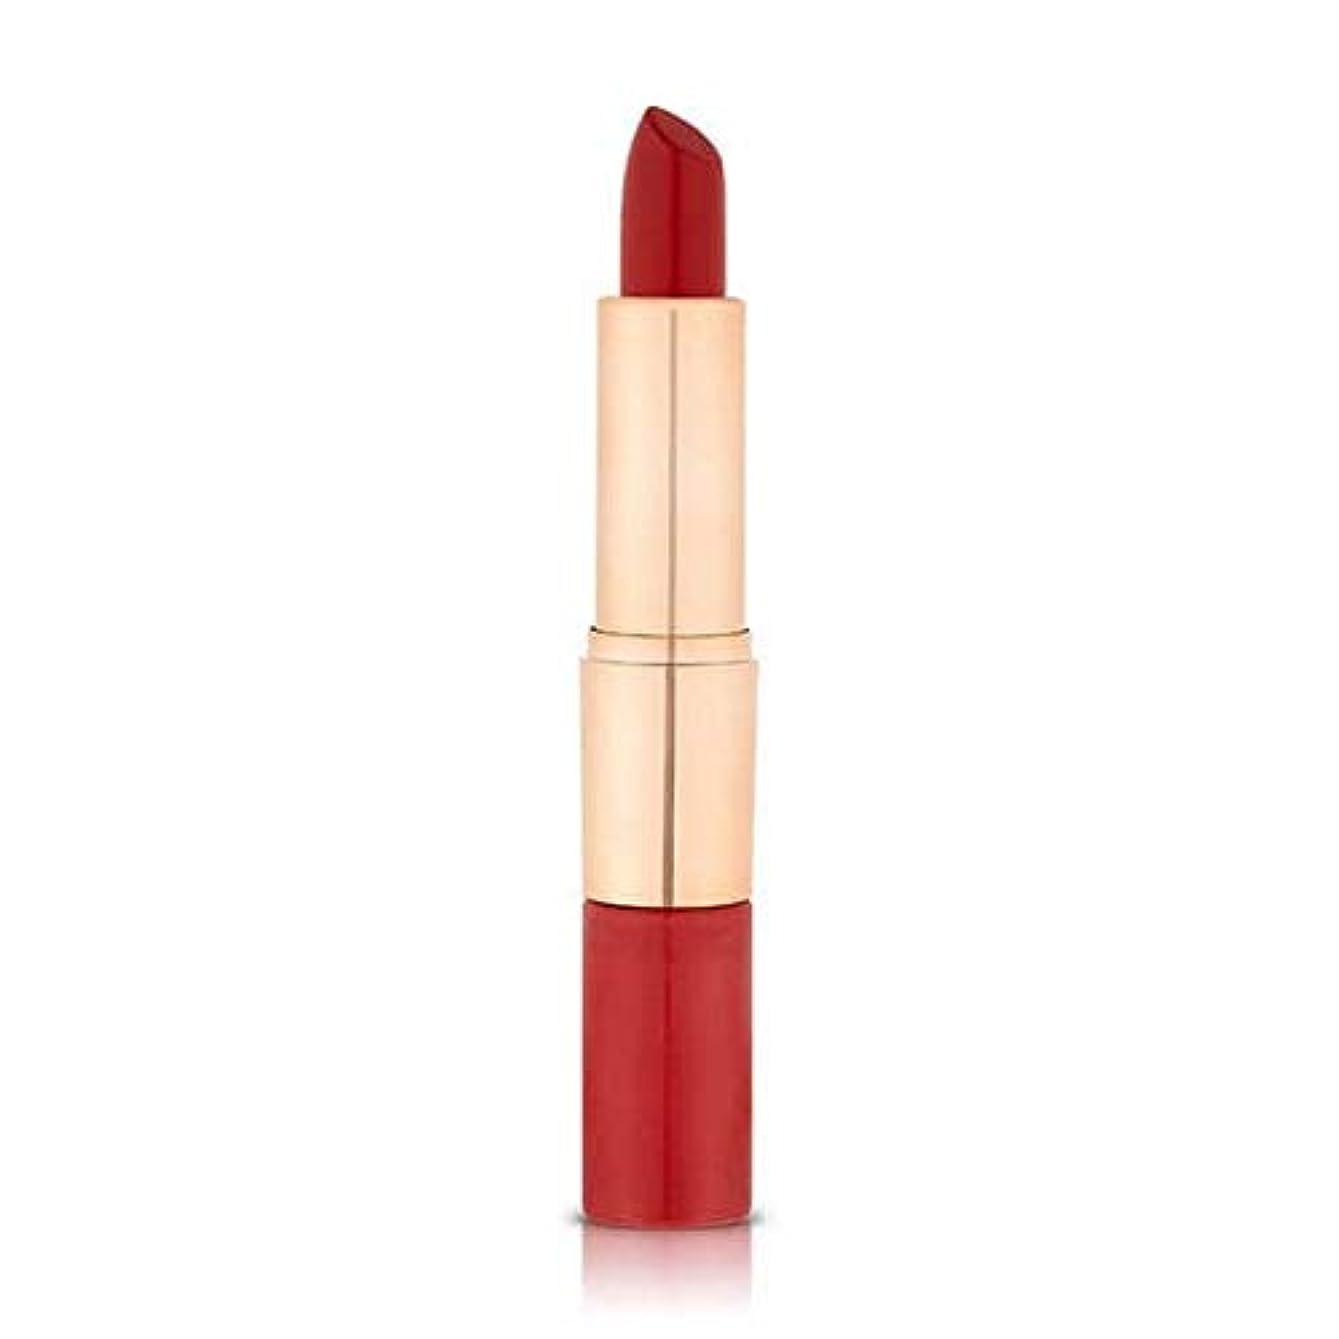 ハンドブック雪だるまを作る砂漠[Flower Beauty ] 花の美しさのミックスN」はマットリップスティックデュオ赤いベルベット690 - Flower Beauty Mix N' Matte Lipstick Duo Red Velvet 690...